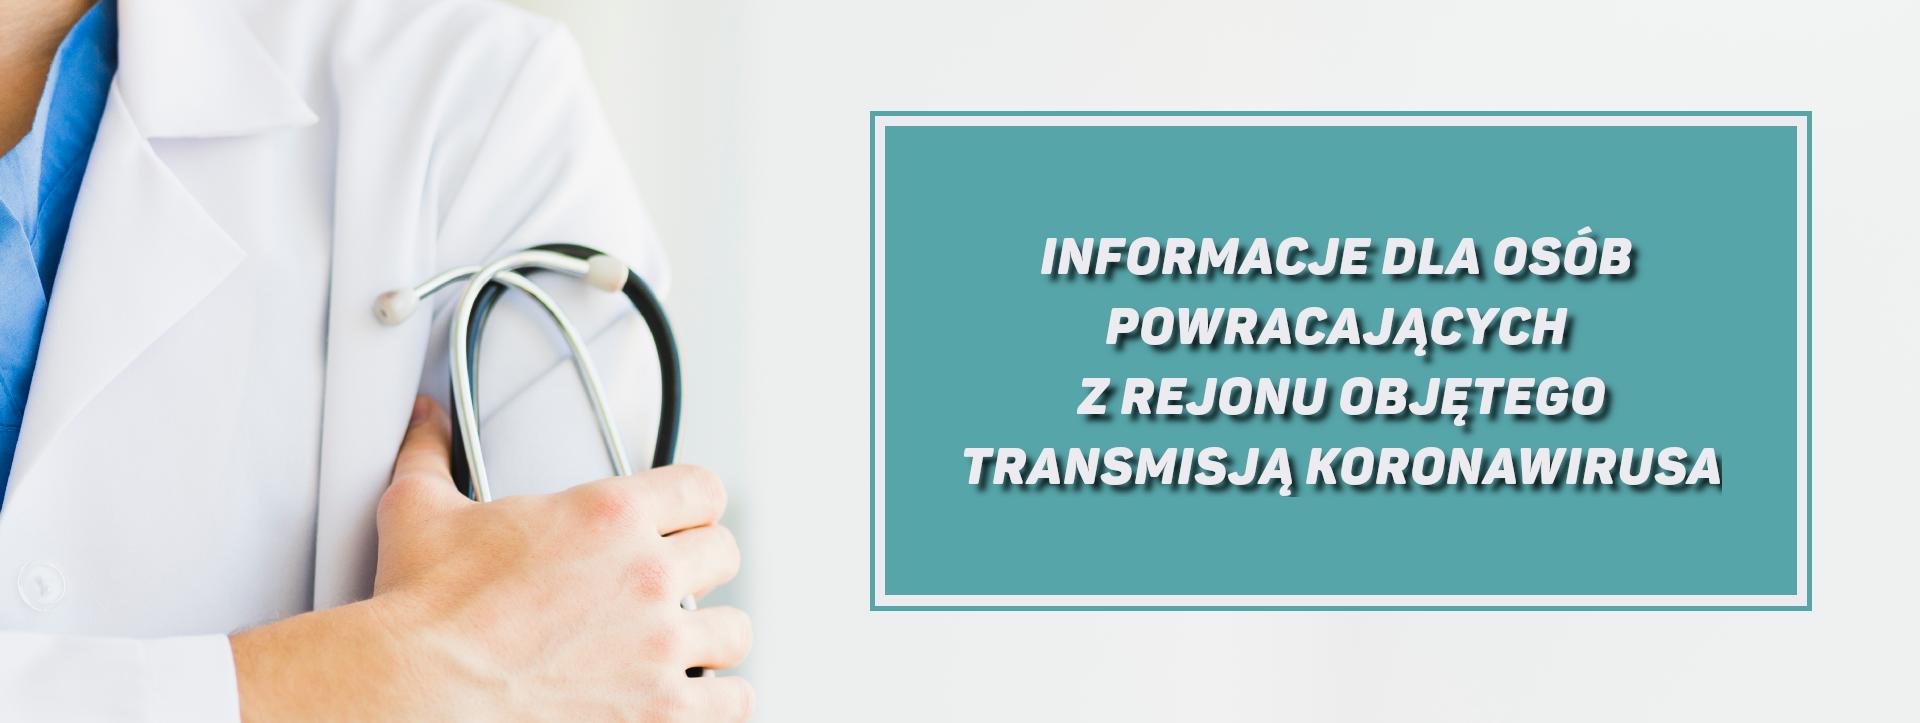 https://esculap-przychodnia.pl/wp-content/uploads/2020/02/slajder_glowna_Koronawirus2.png